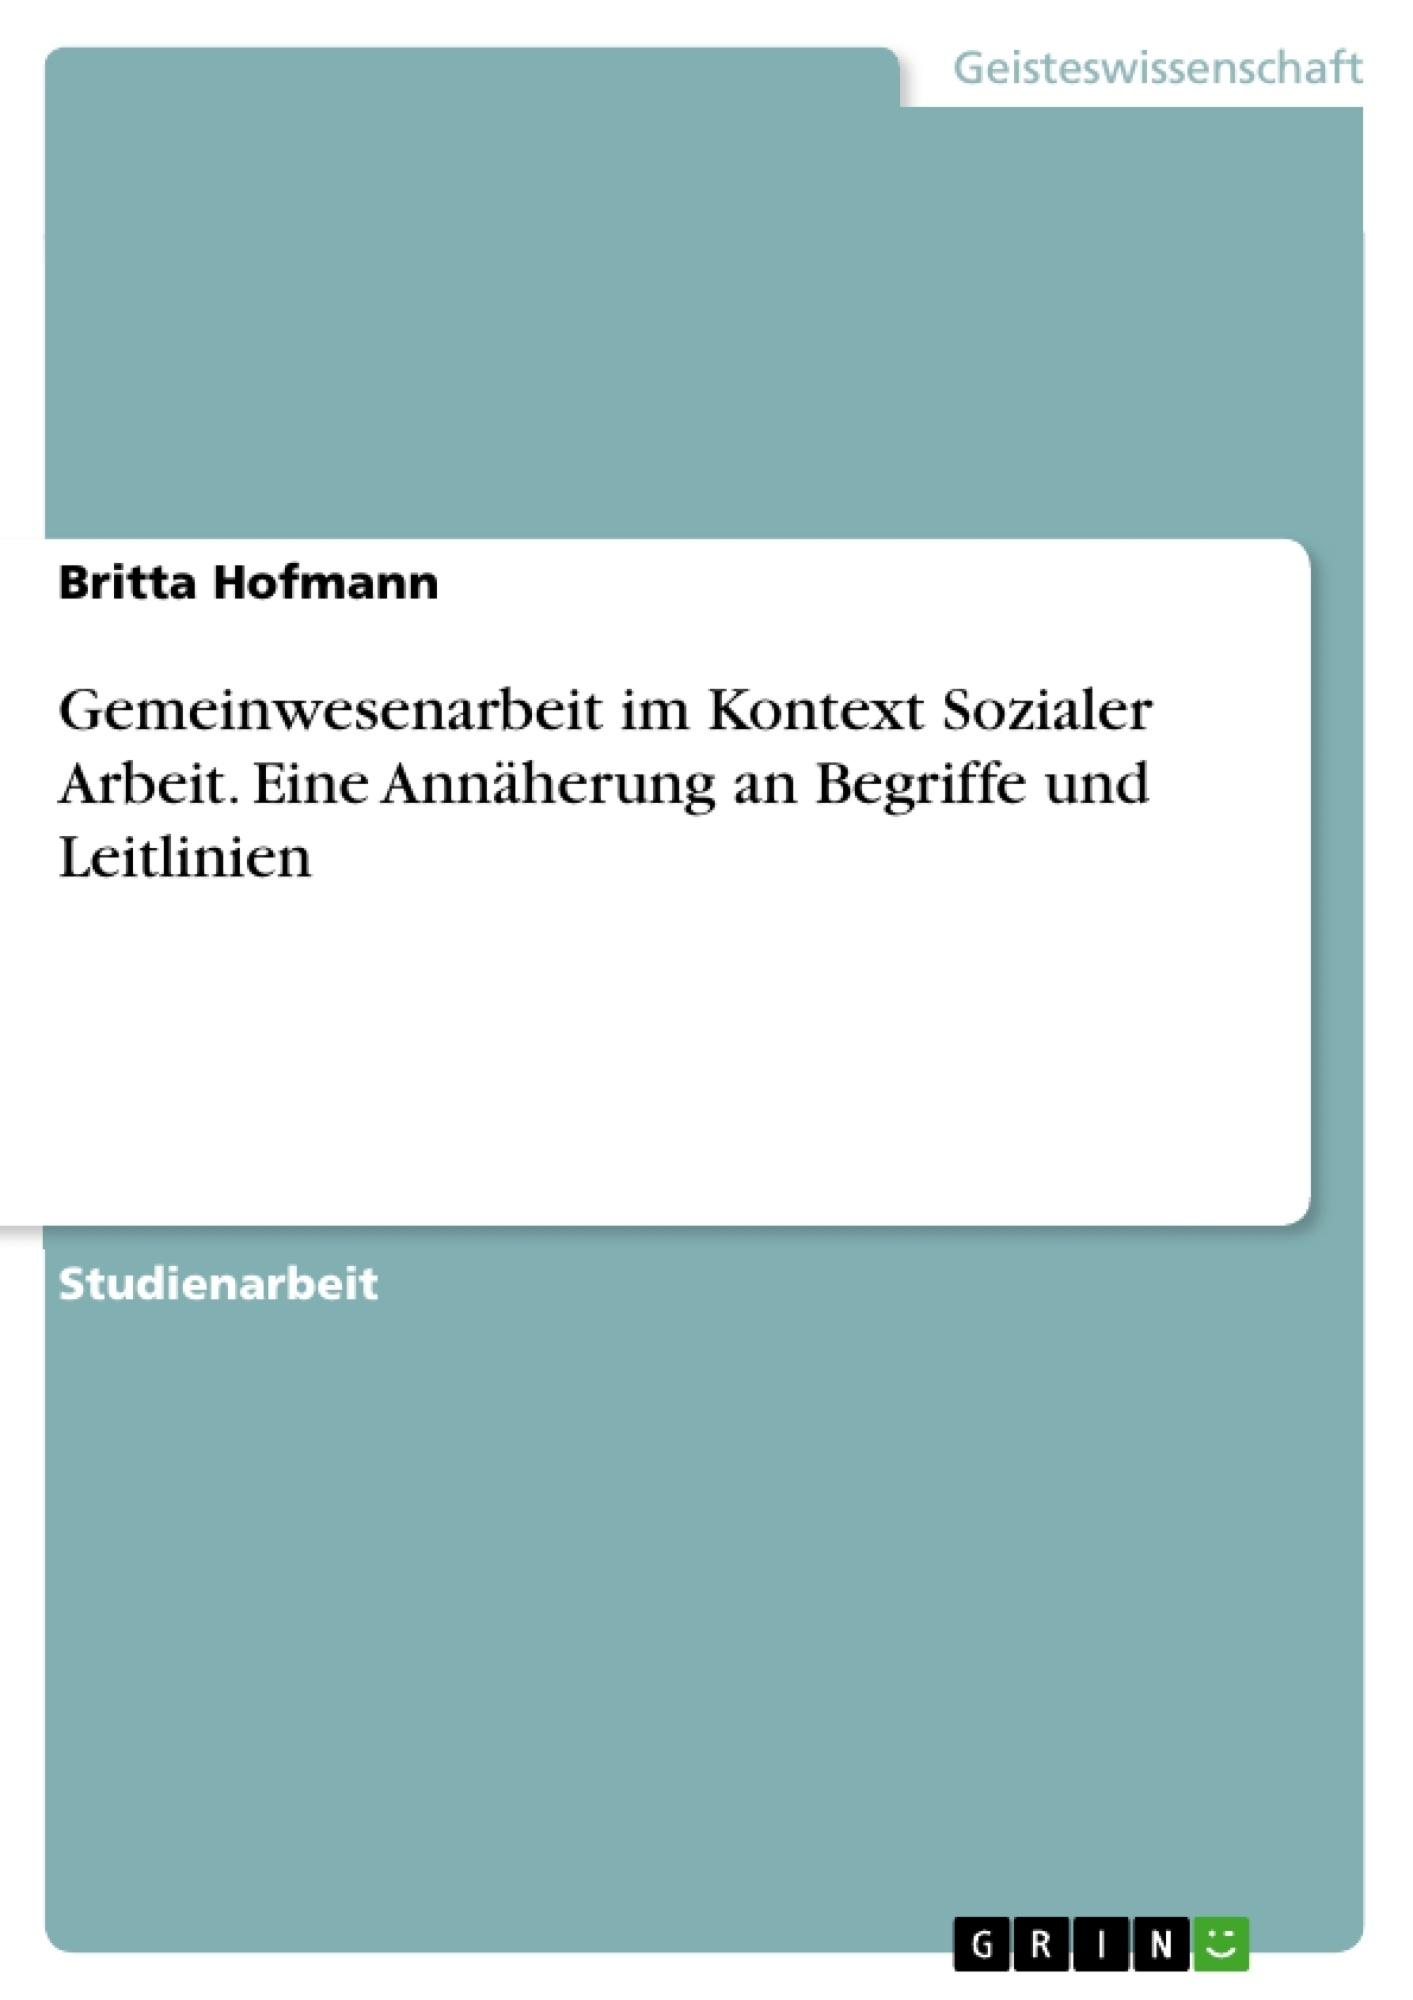 Titel: Gemeinwesenarbeit im Kontext Sozialer Arbeit. Eine Annäherung an Begriffe und Leitlinien